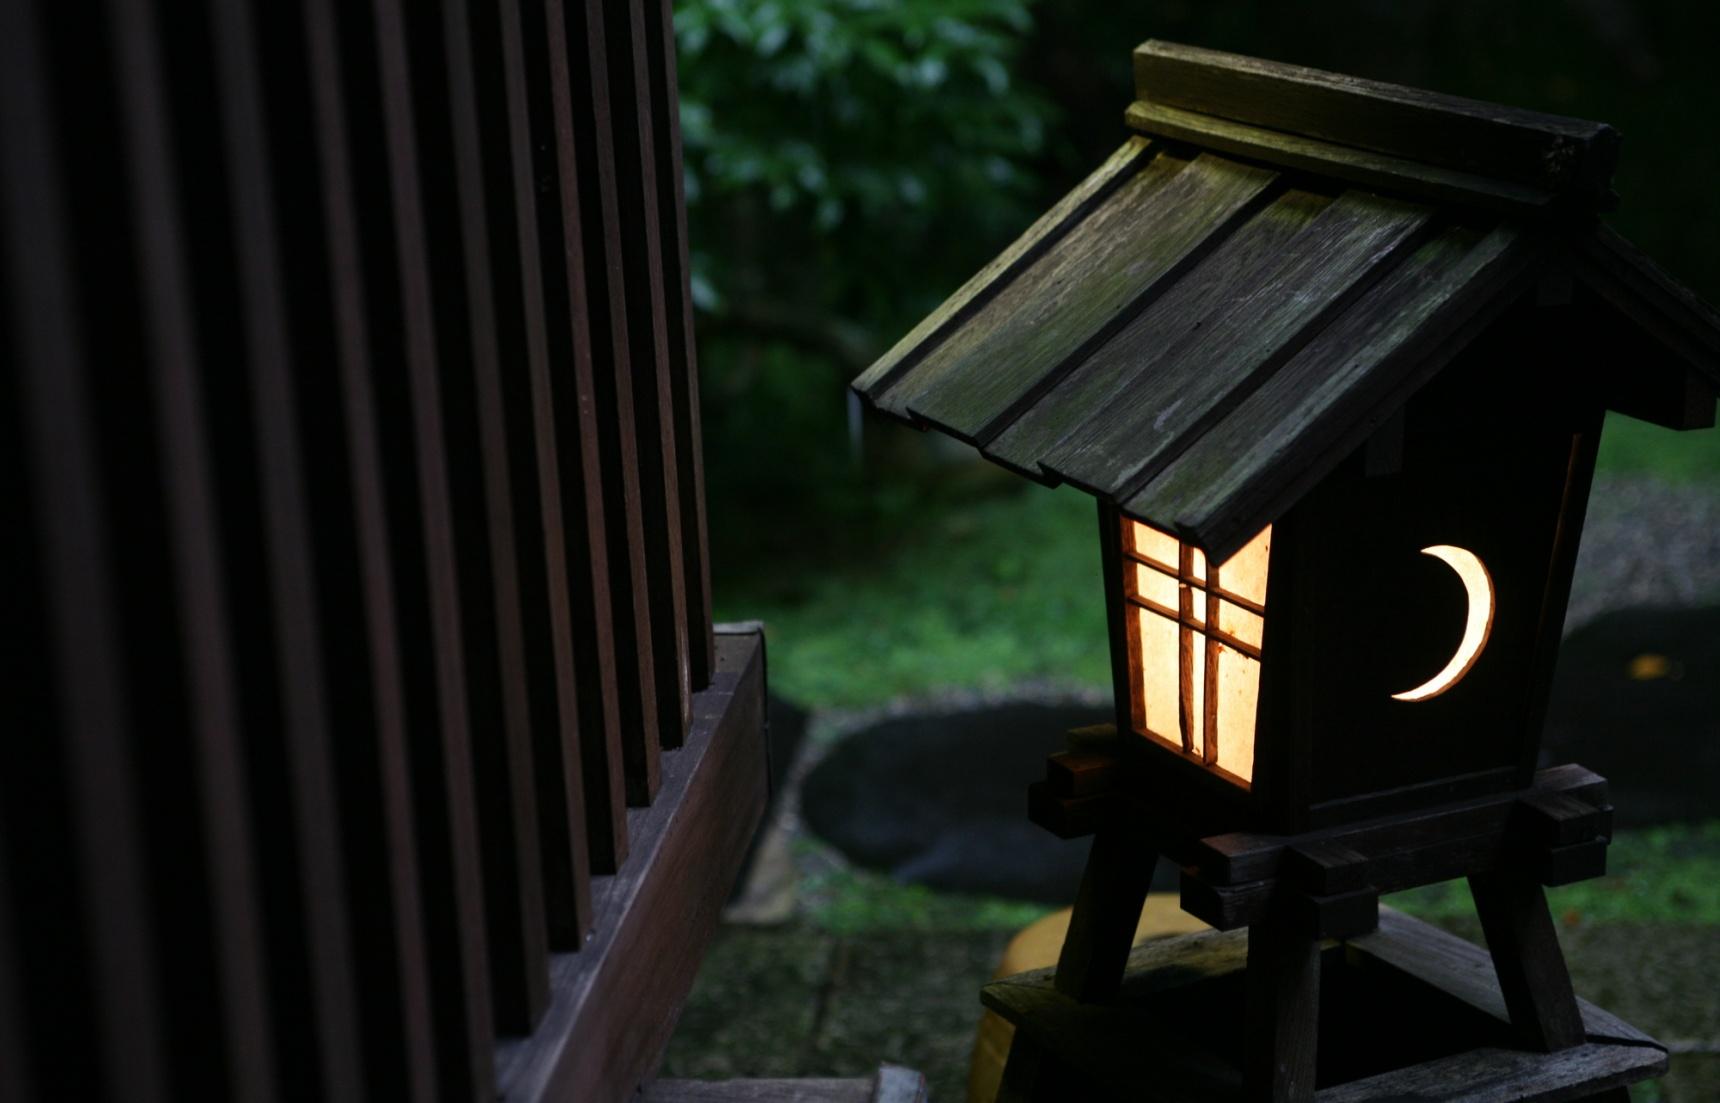 智游人|大人才懂的浪漫!在京都可安心享受慢旅行的10家梦幻温泉旅馆